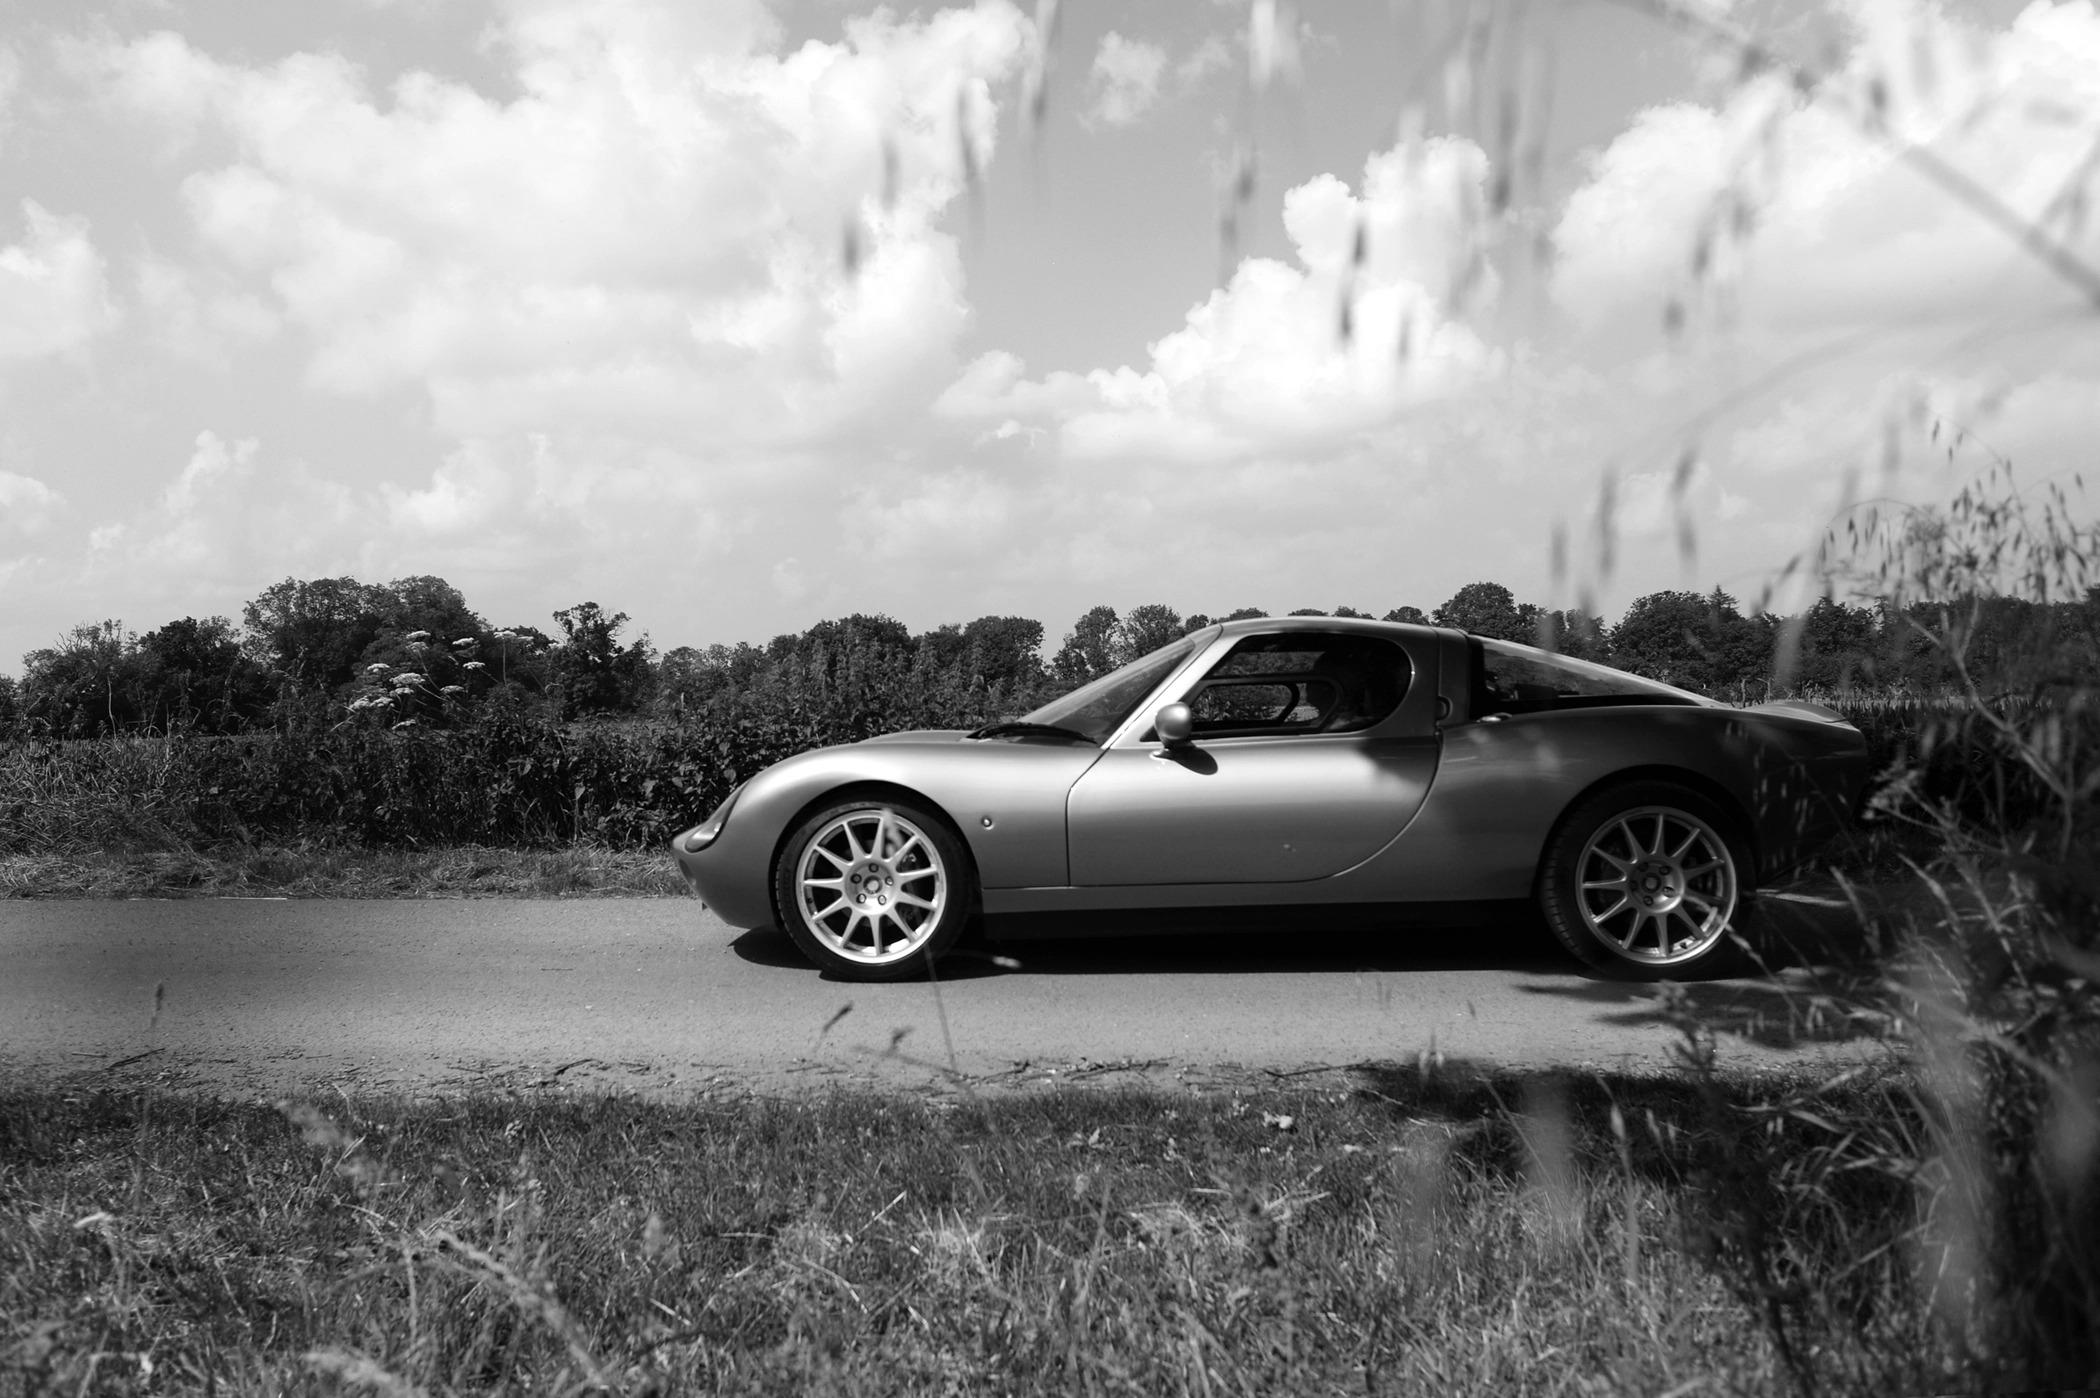 Wells Vertige: New Brit sports car debuts at Goodwood